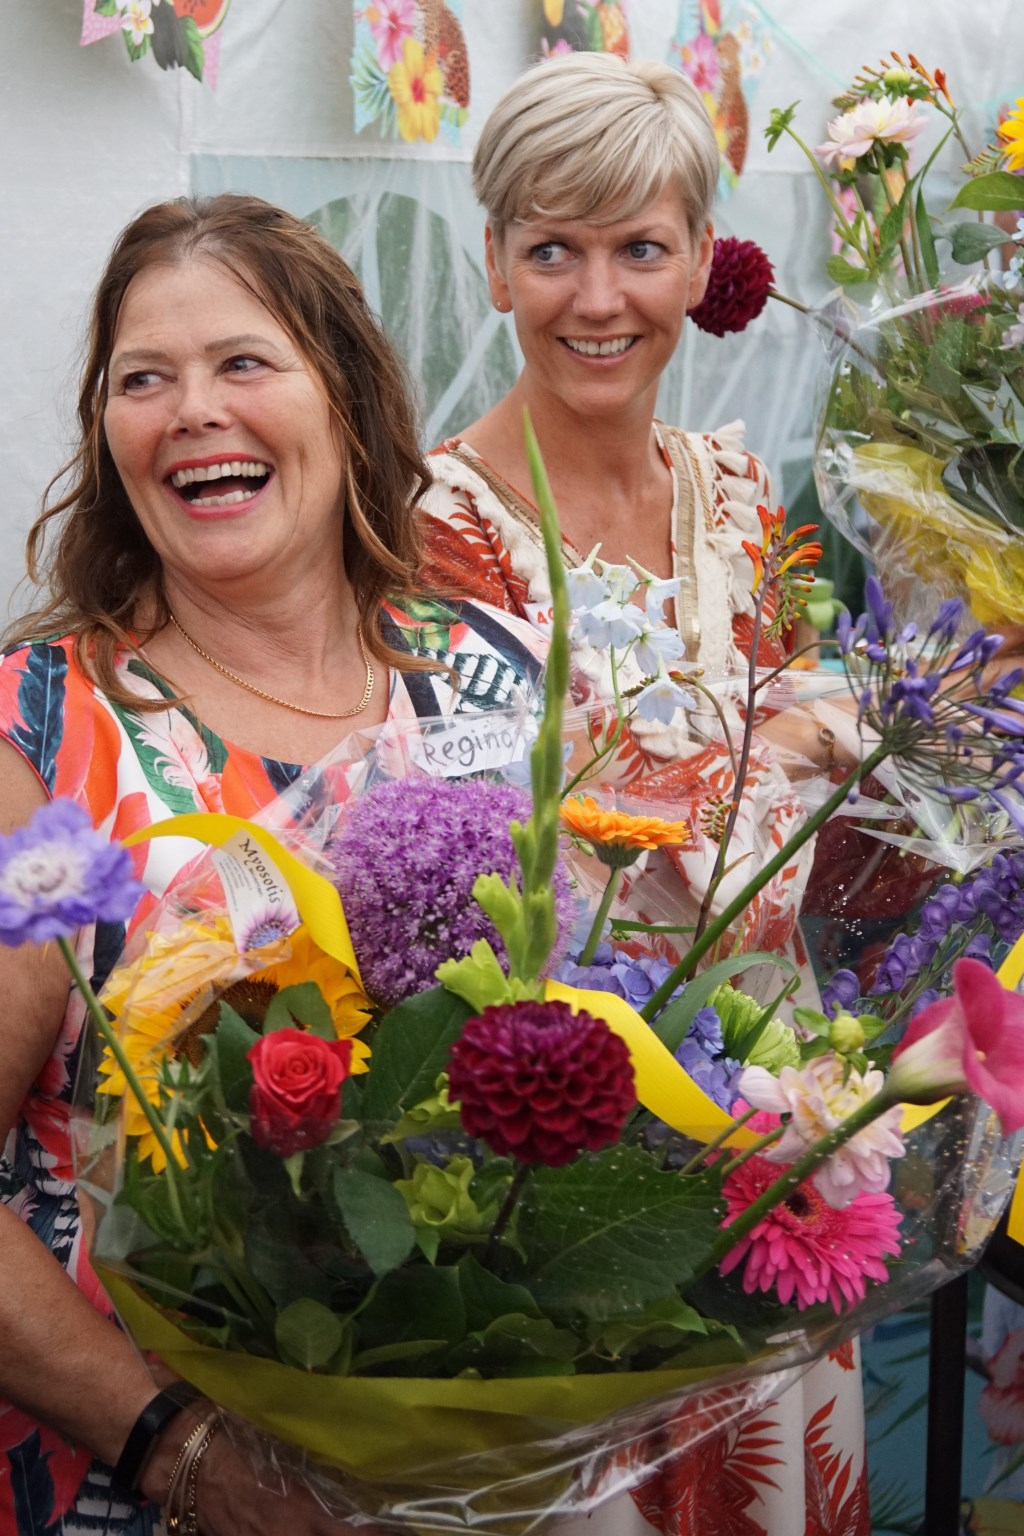 De beide initiatiefneemsters met boeket, Regina van Kampen (links) en Jacqueline Huisman (rechts)  © Persgroep